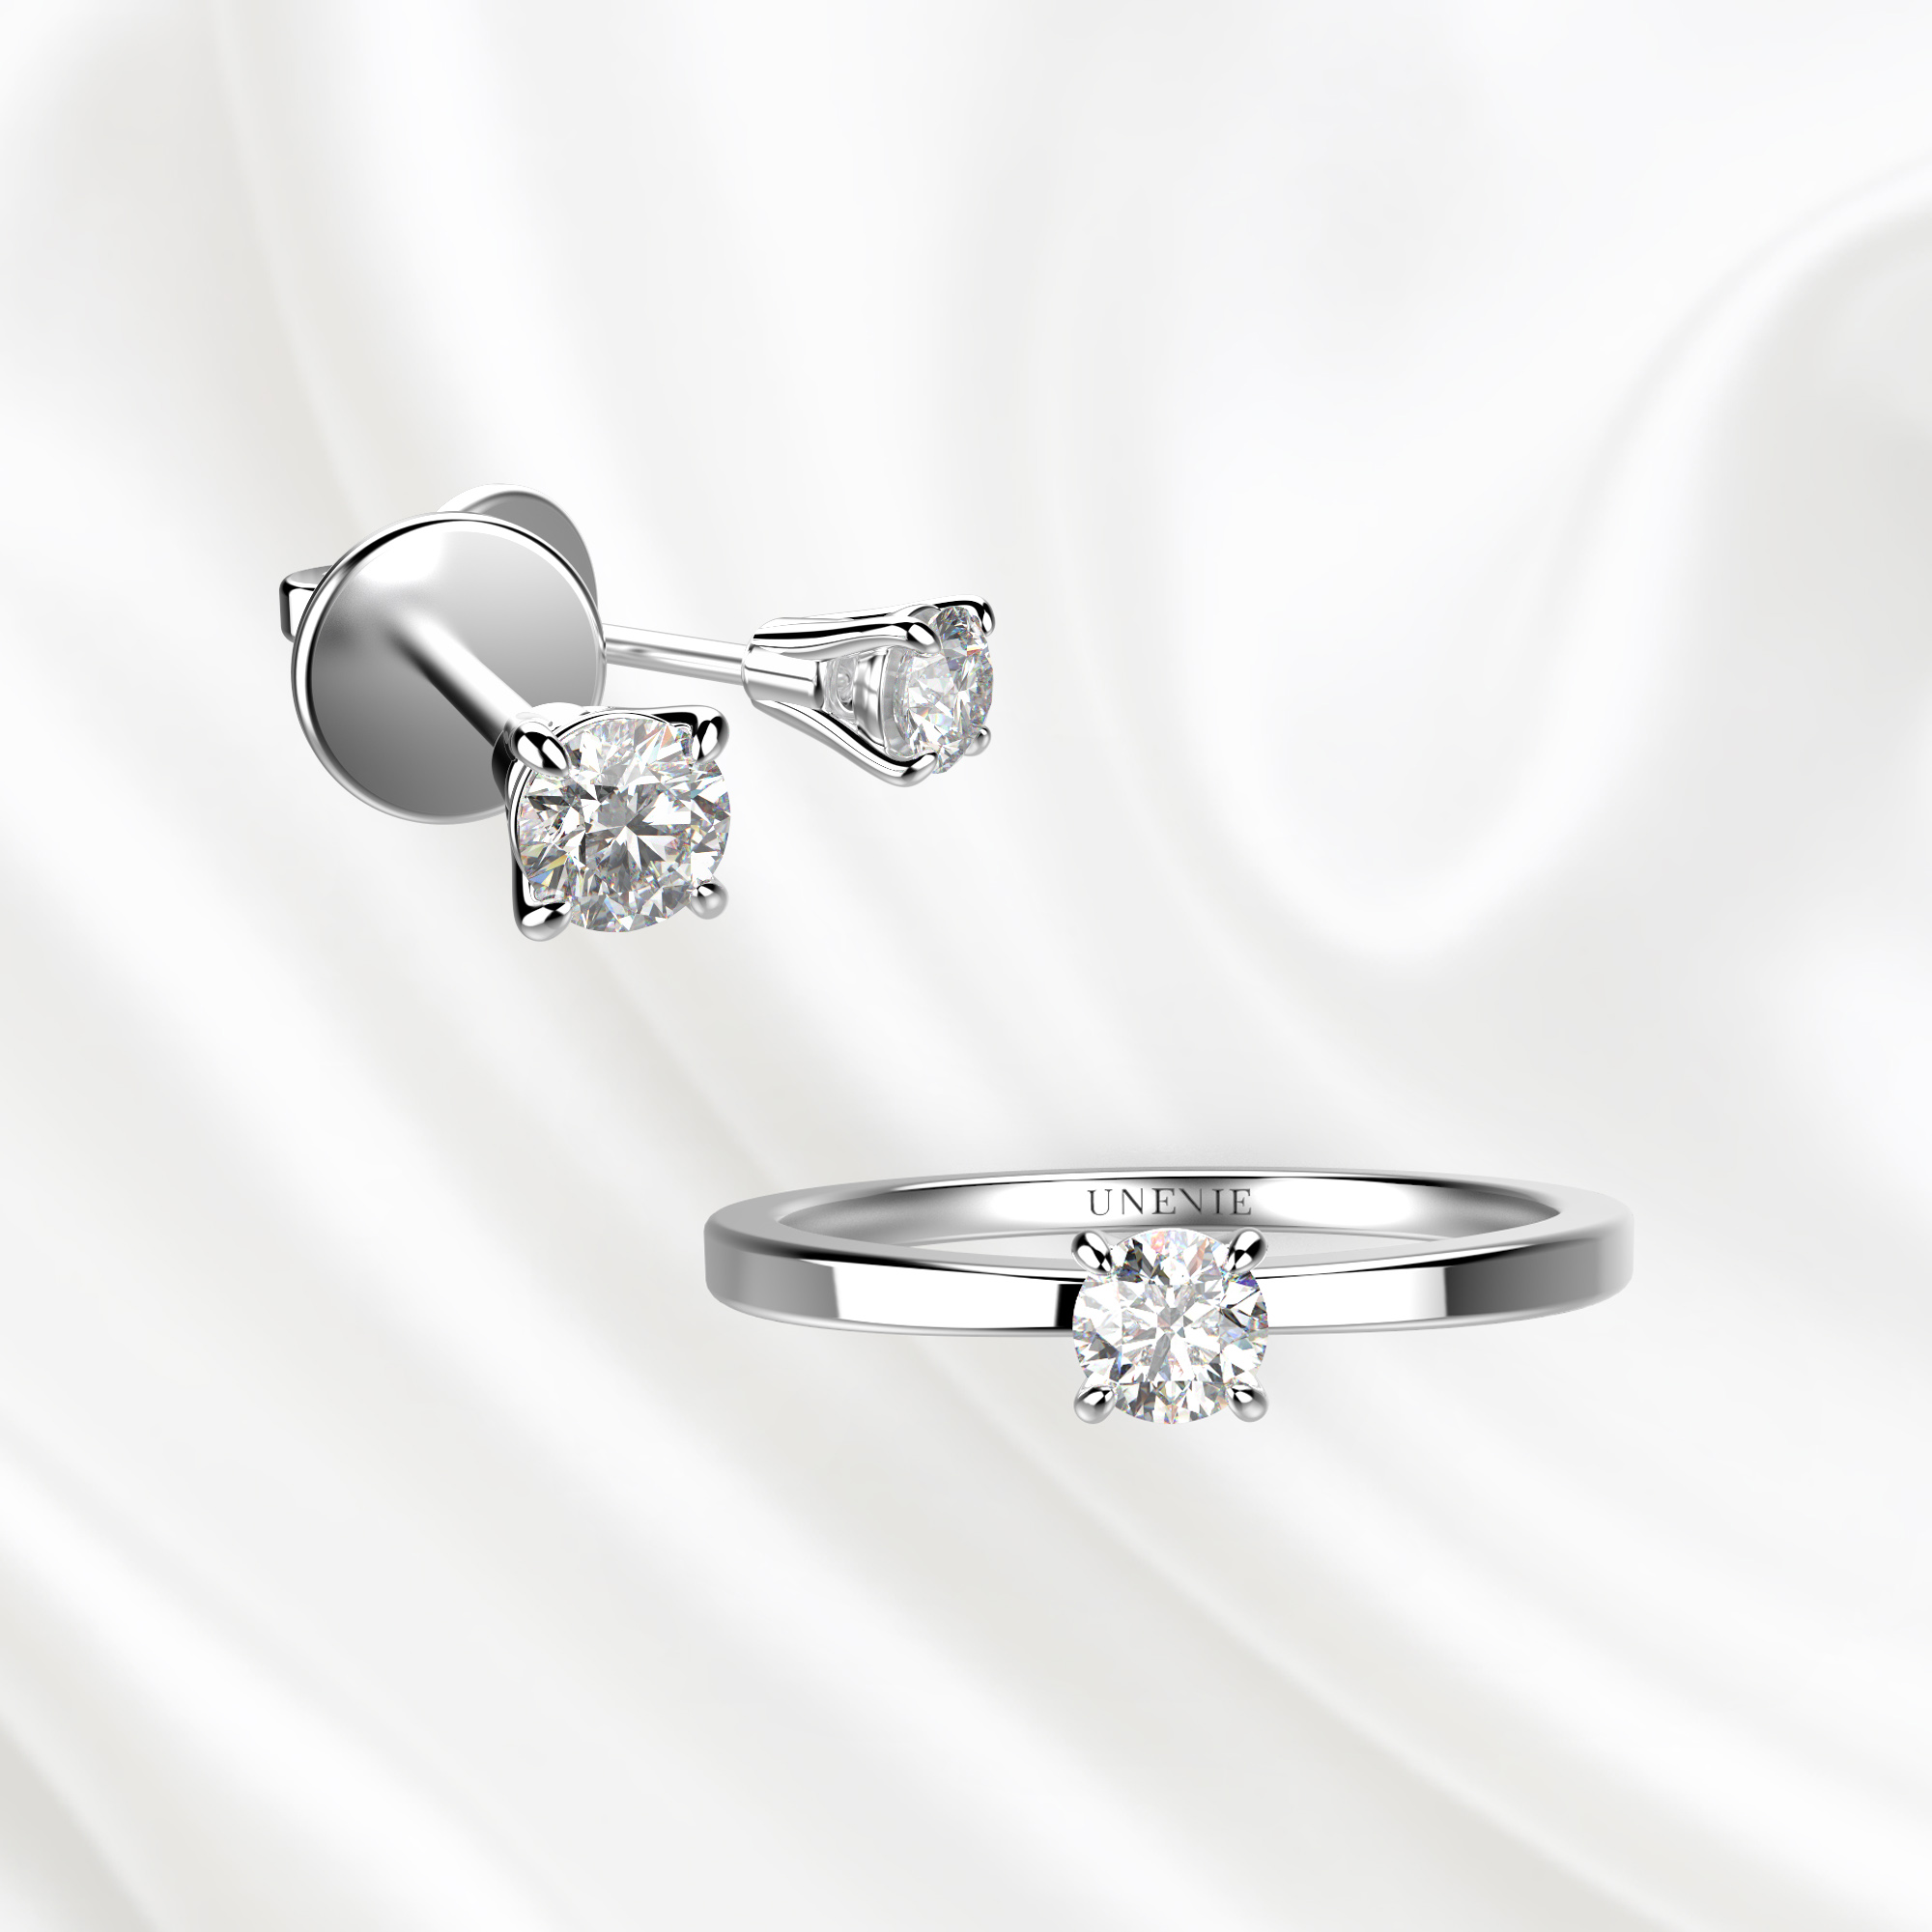 К1 комплект ювелирных изделий серьги и кольцо из белого золота с бриллиантами 0.1 карат